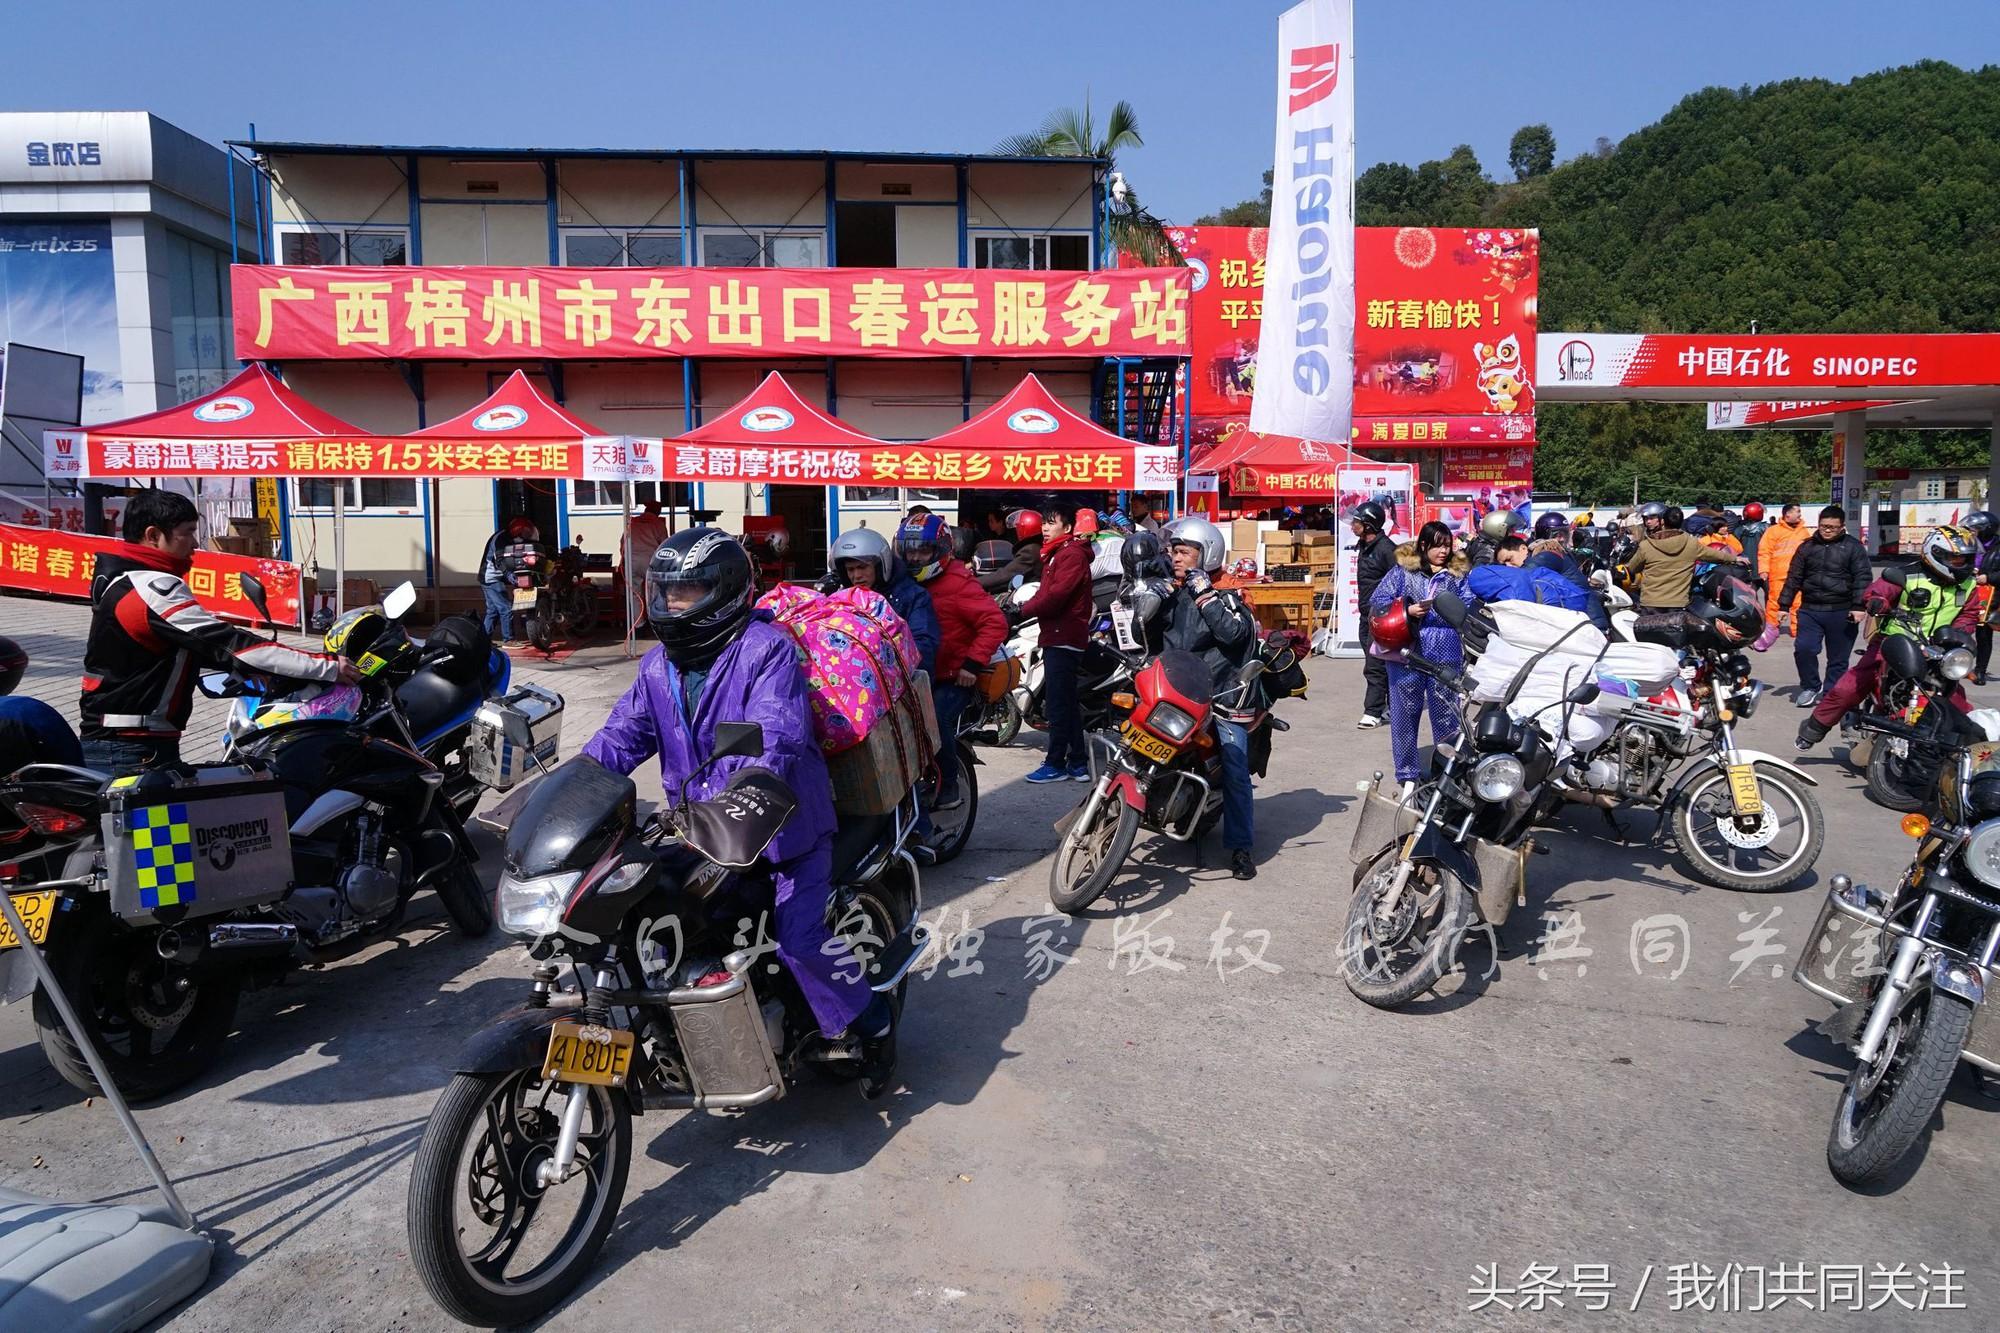 Ngán ngẩm cảnh đông đúc tại nhà xe bến tàu, hàng chục nghìn người Trung Quốc phượt trăm km về quê ăn Tết - Ảnh 2.